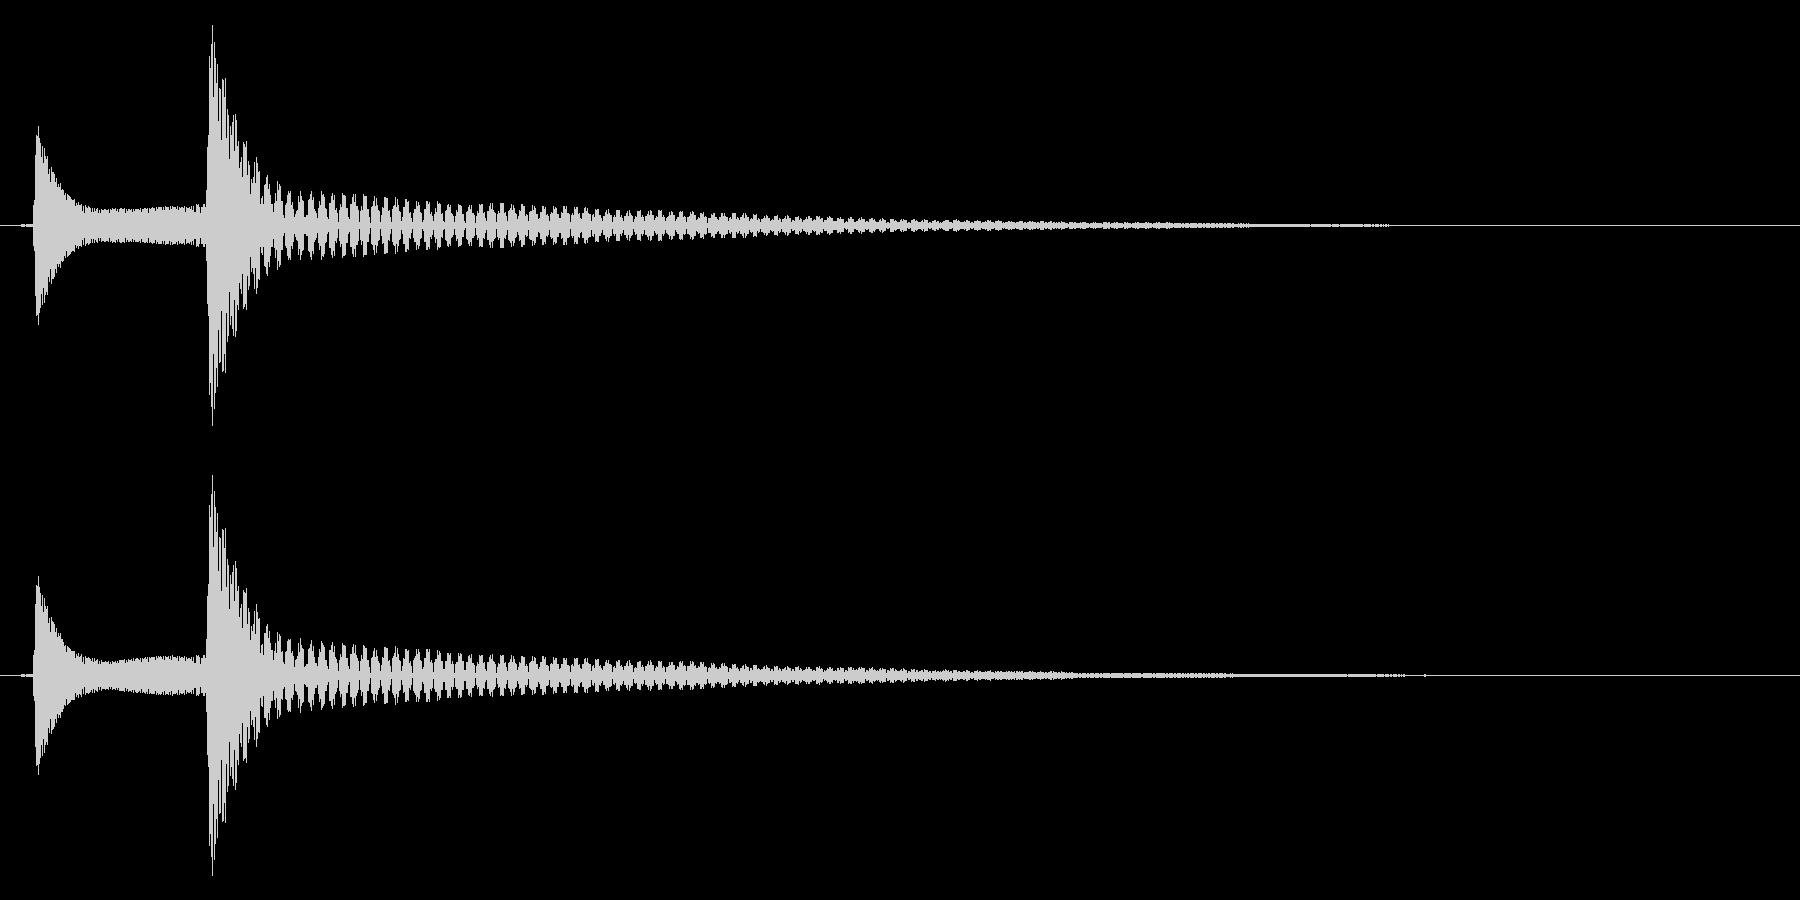 ポコッ↓/木琴/かわいいの未再生の波形